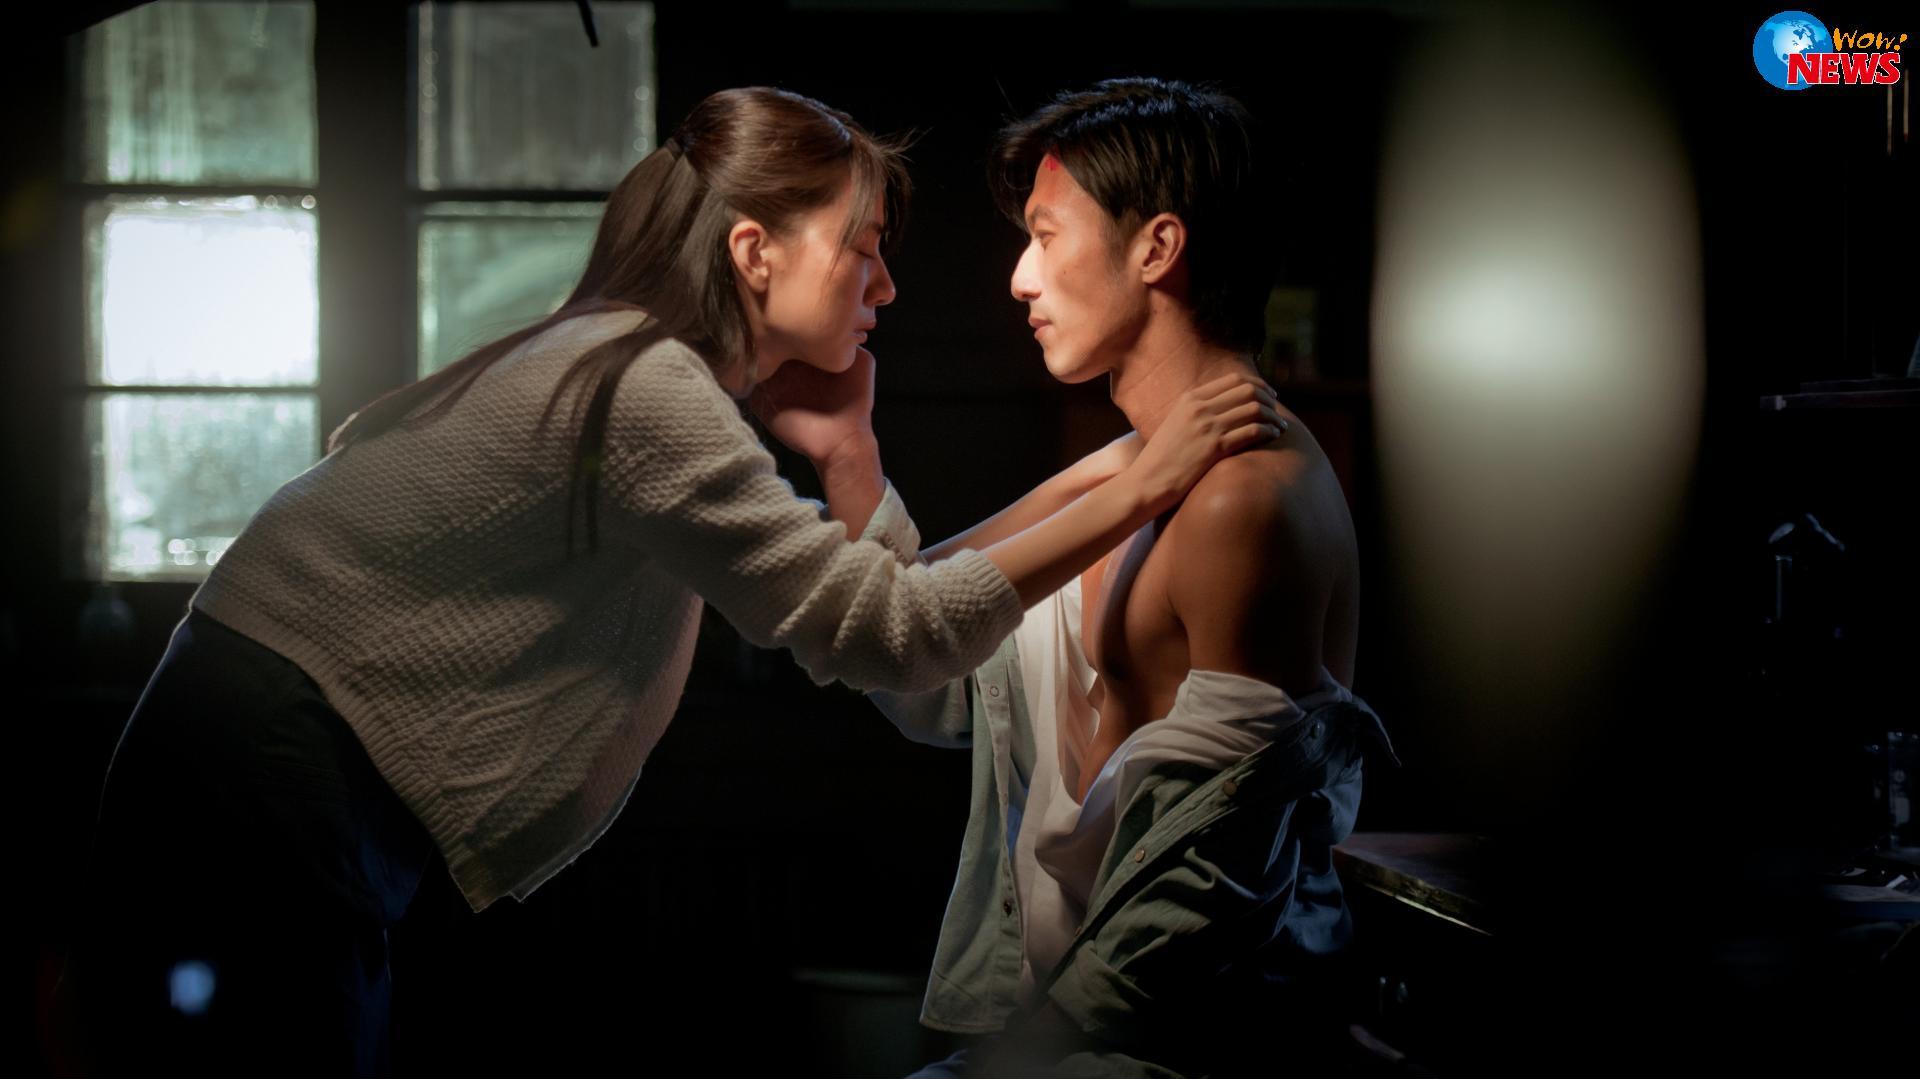 演技派帅哥谢霆峰与大陆美女高圆圆合作的浪漫